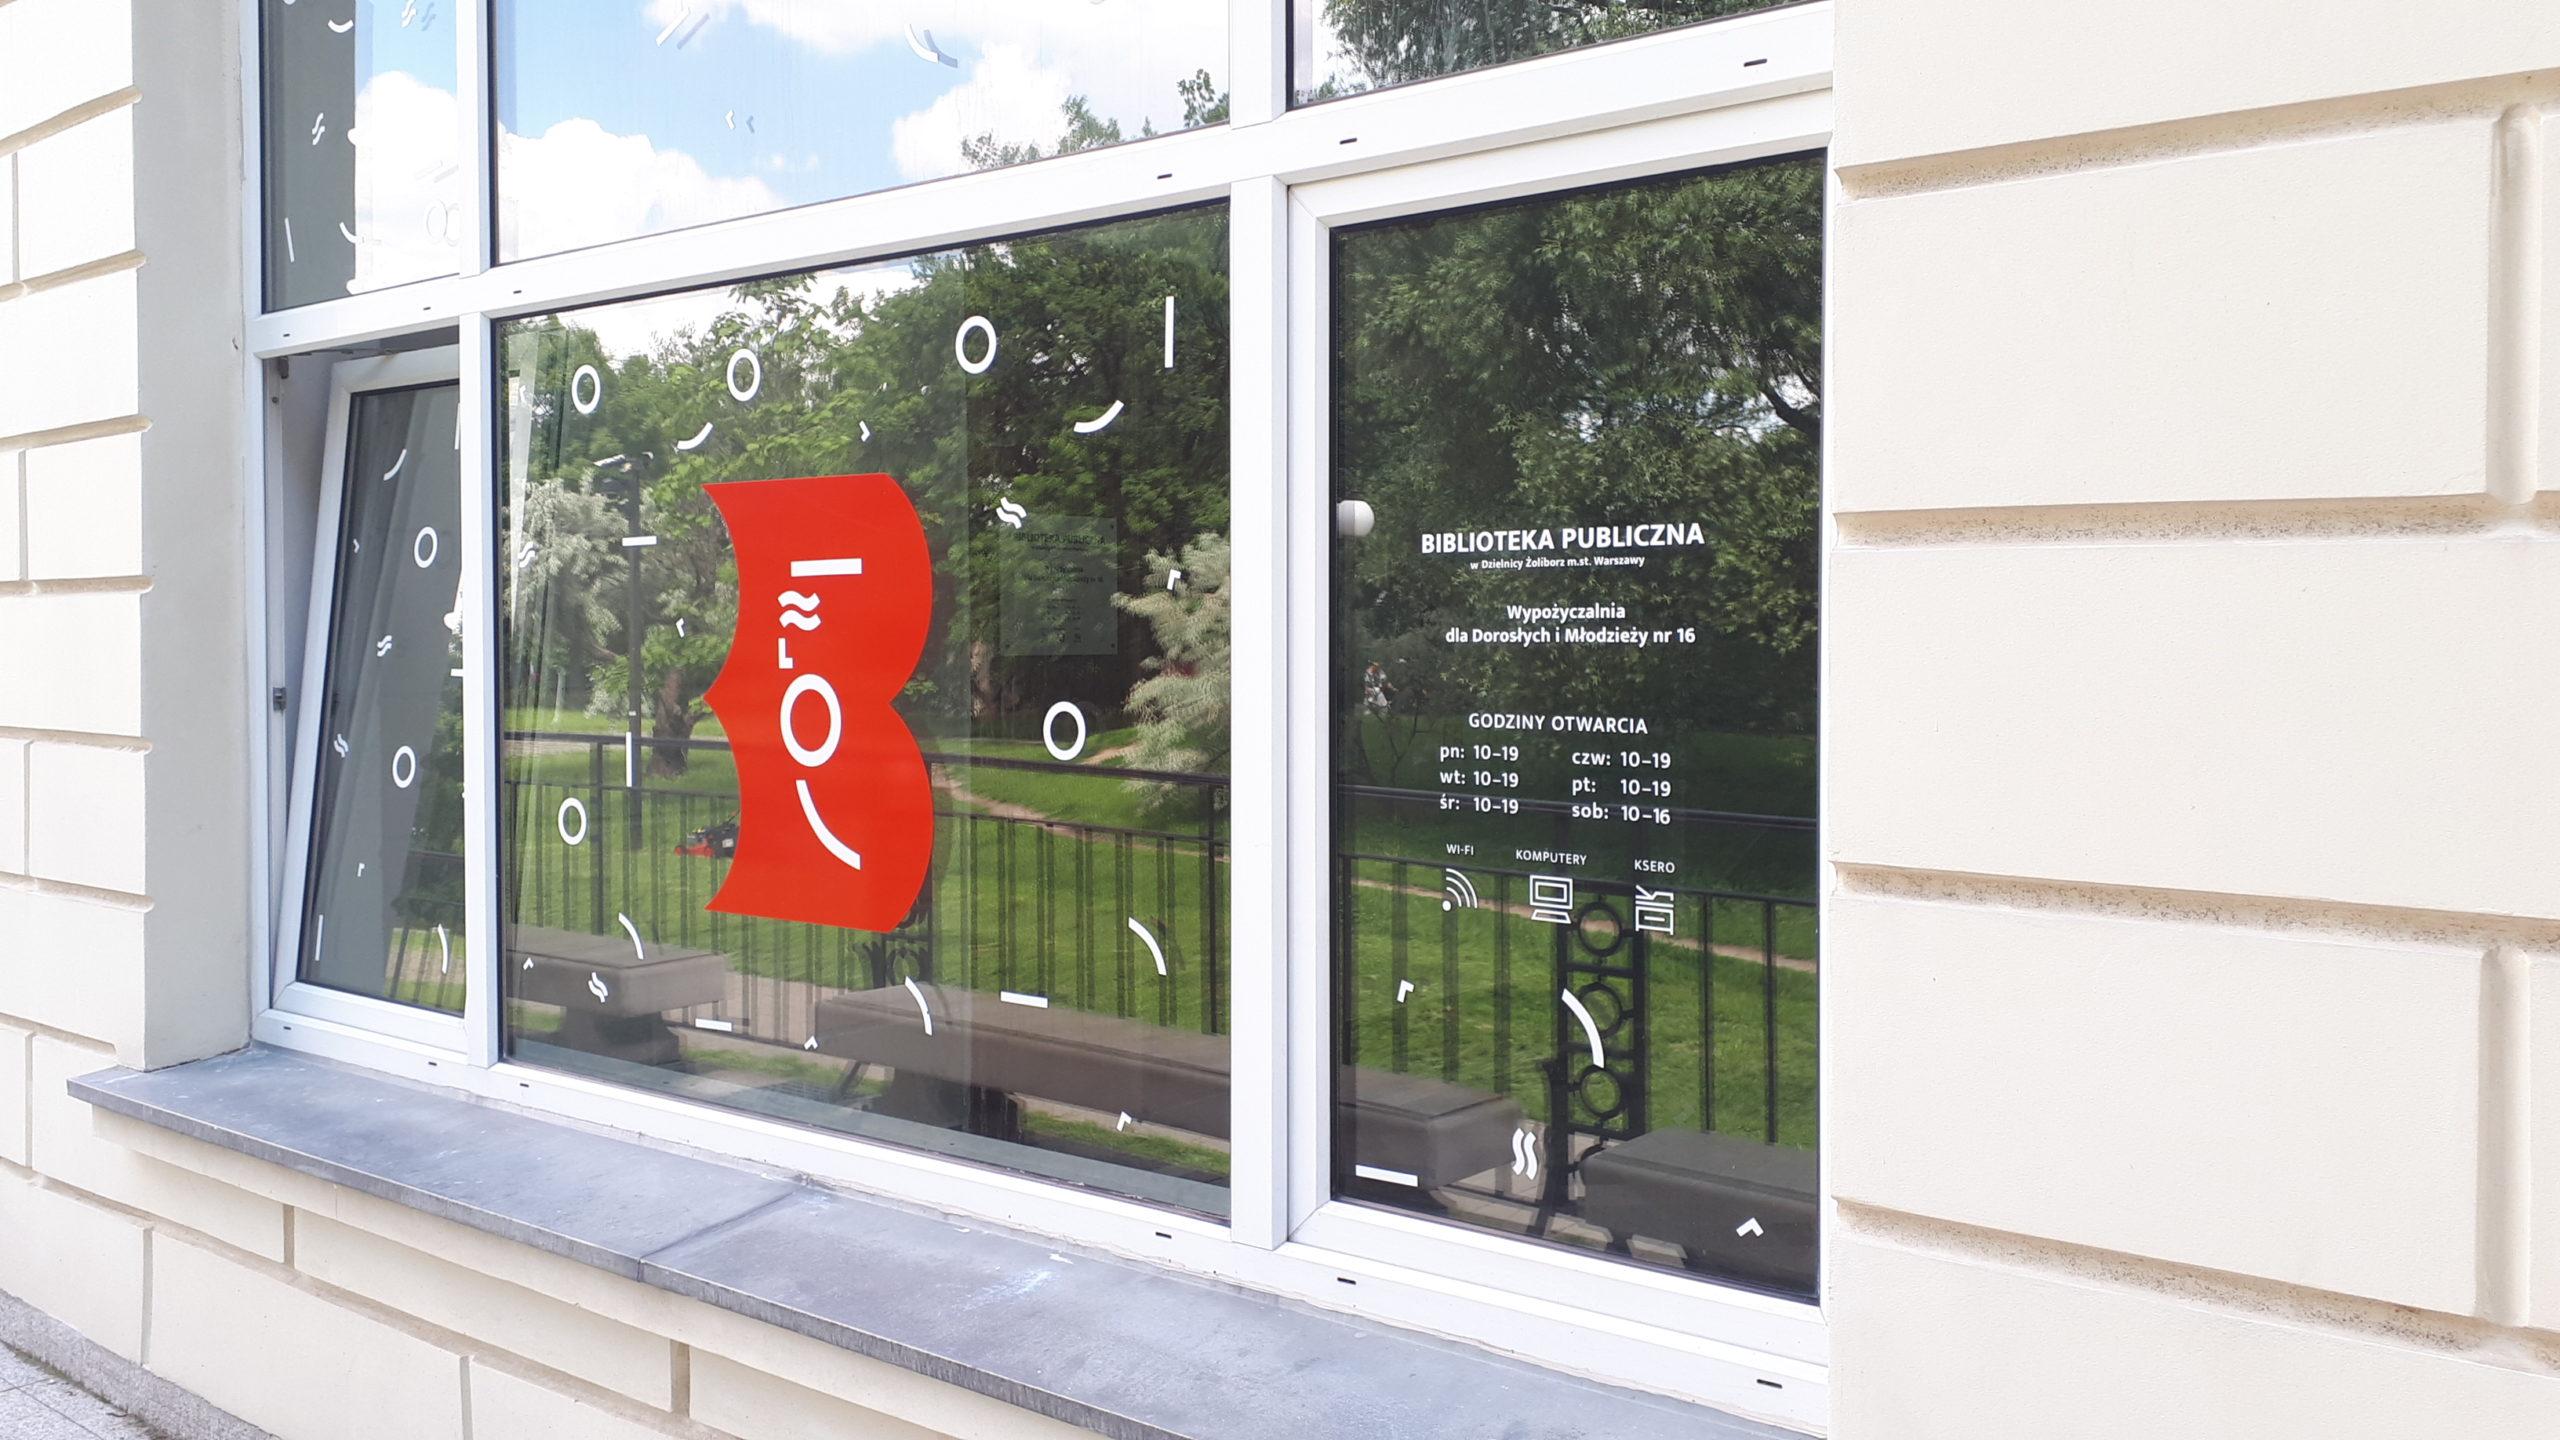 Wypożyczalnia nr 16 widok z zewnątrz na logo biblioteki naklejone na oknie